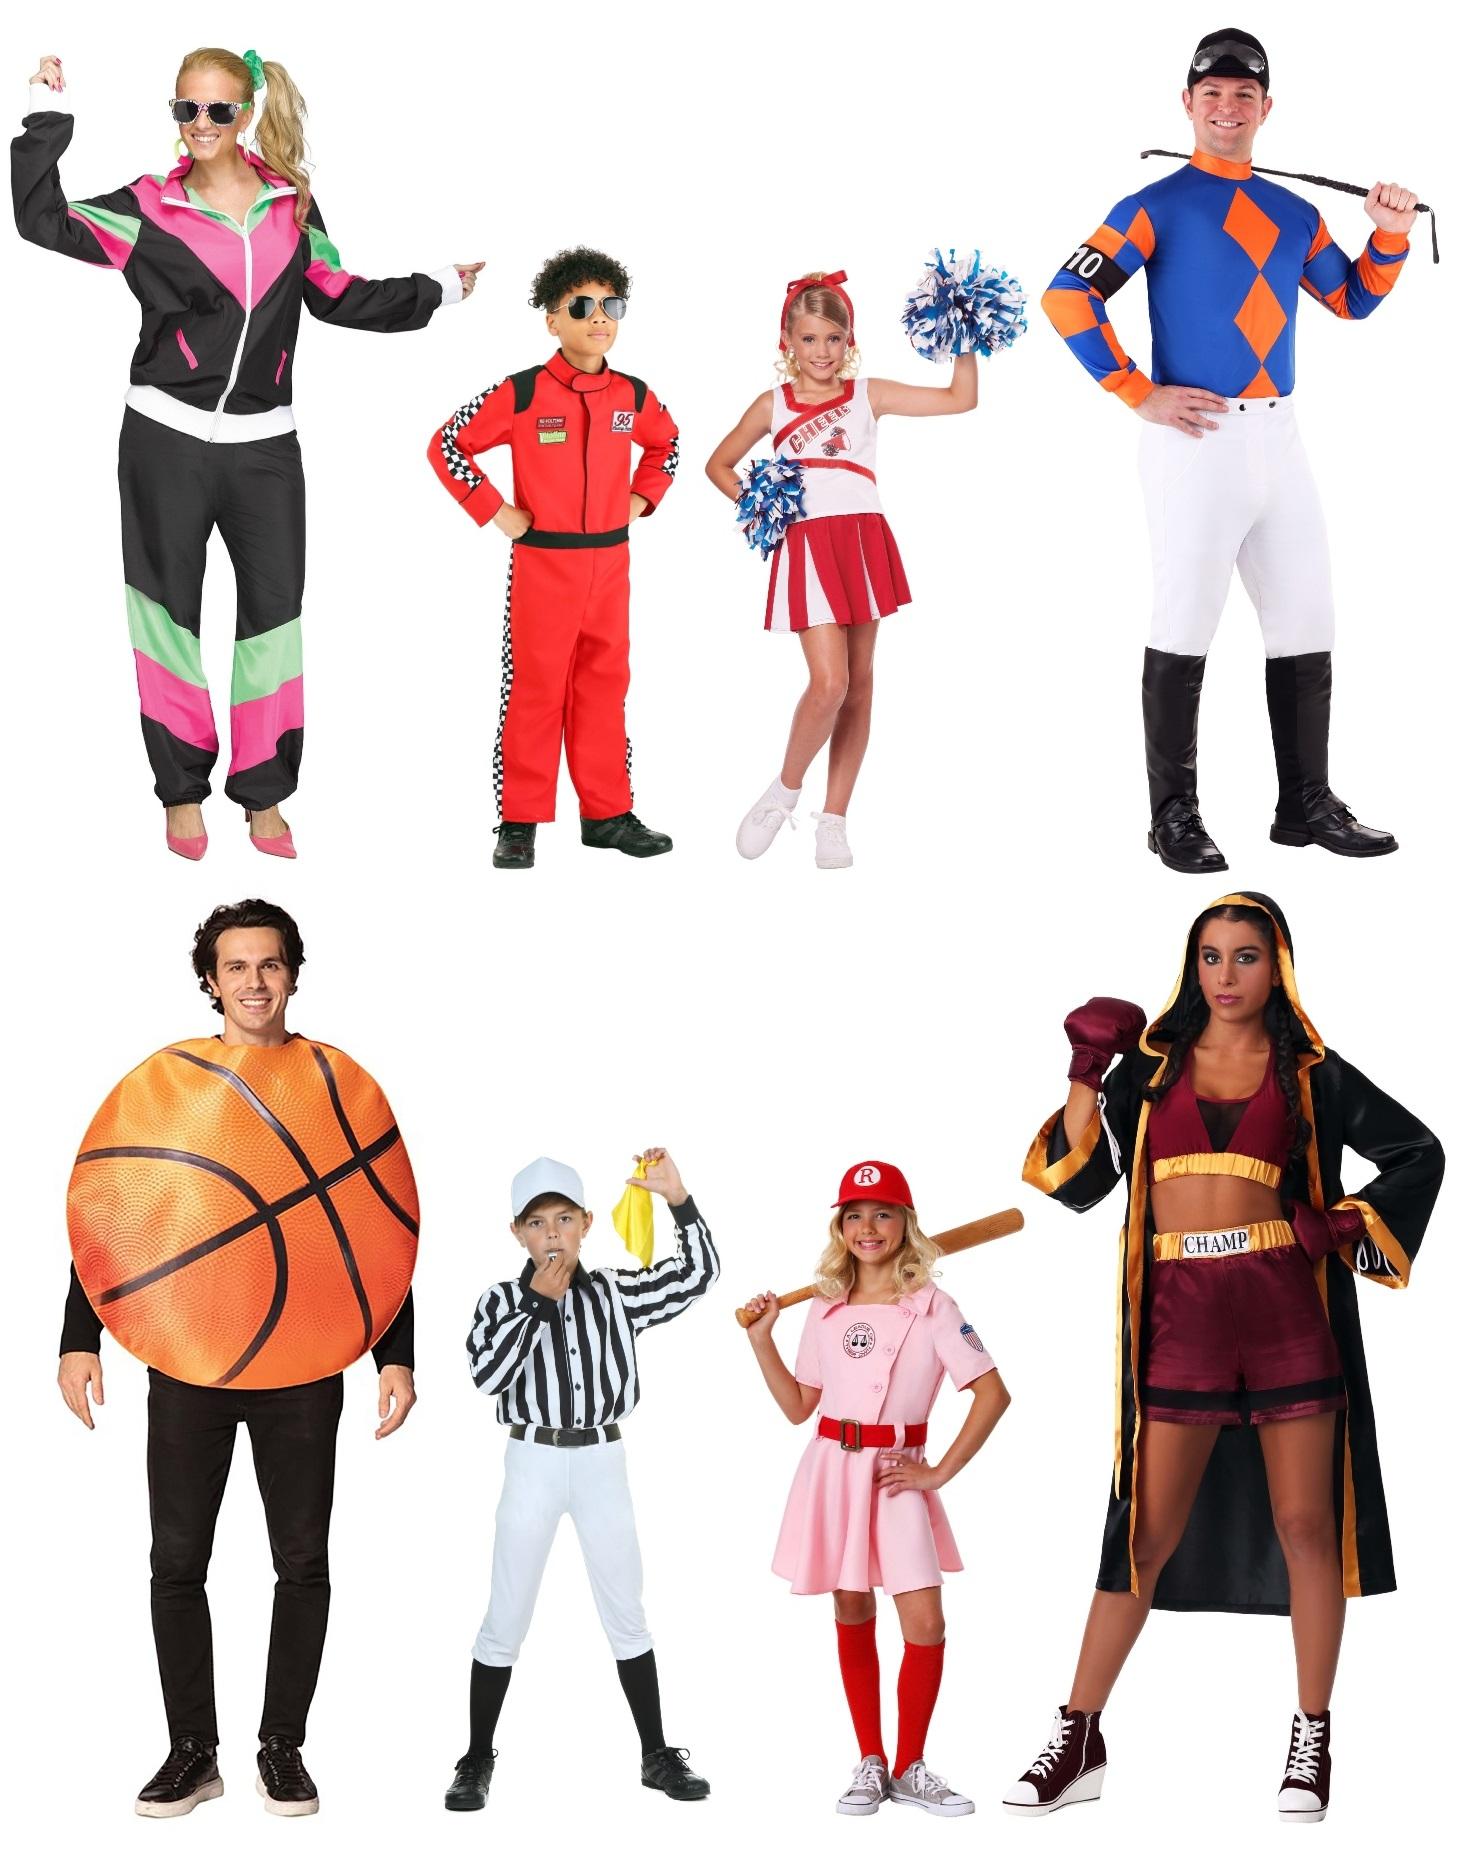 Sports fan group costume